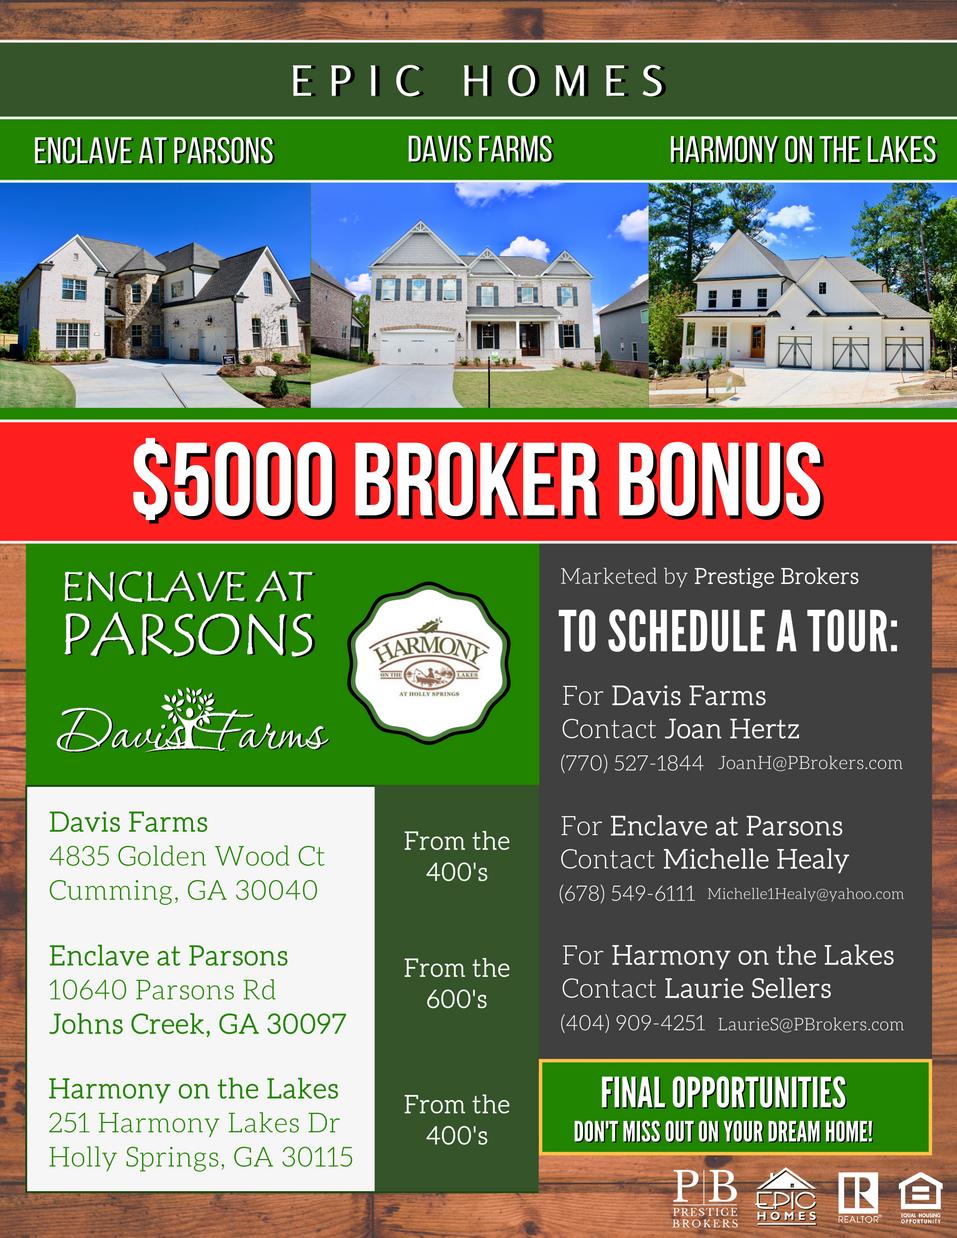 broker bonus flyer.png